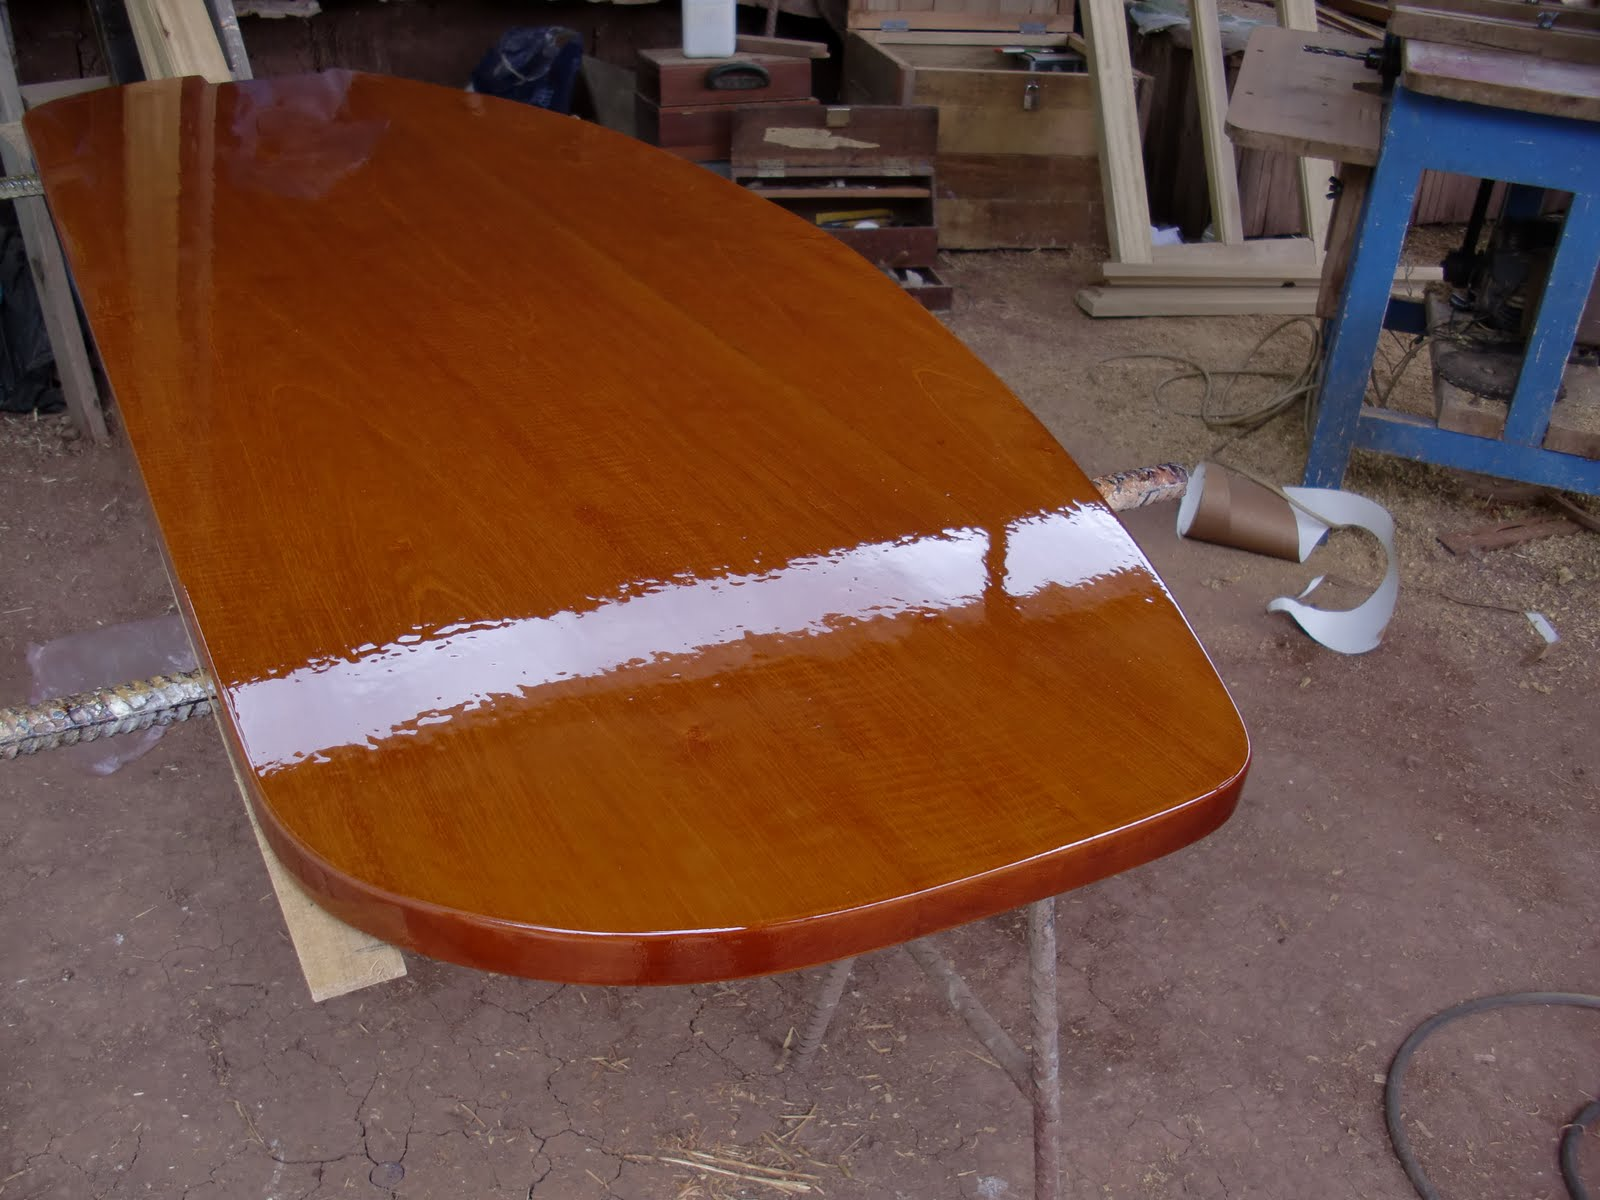 Decoraciones manualidades en madera como barnizar la - Pintar sobre barniz ...